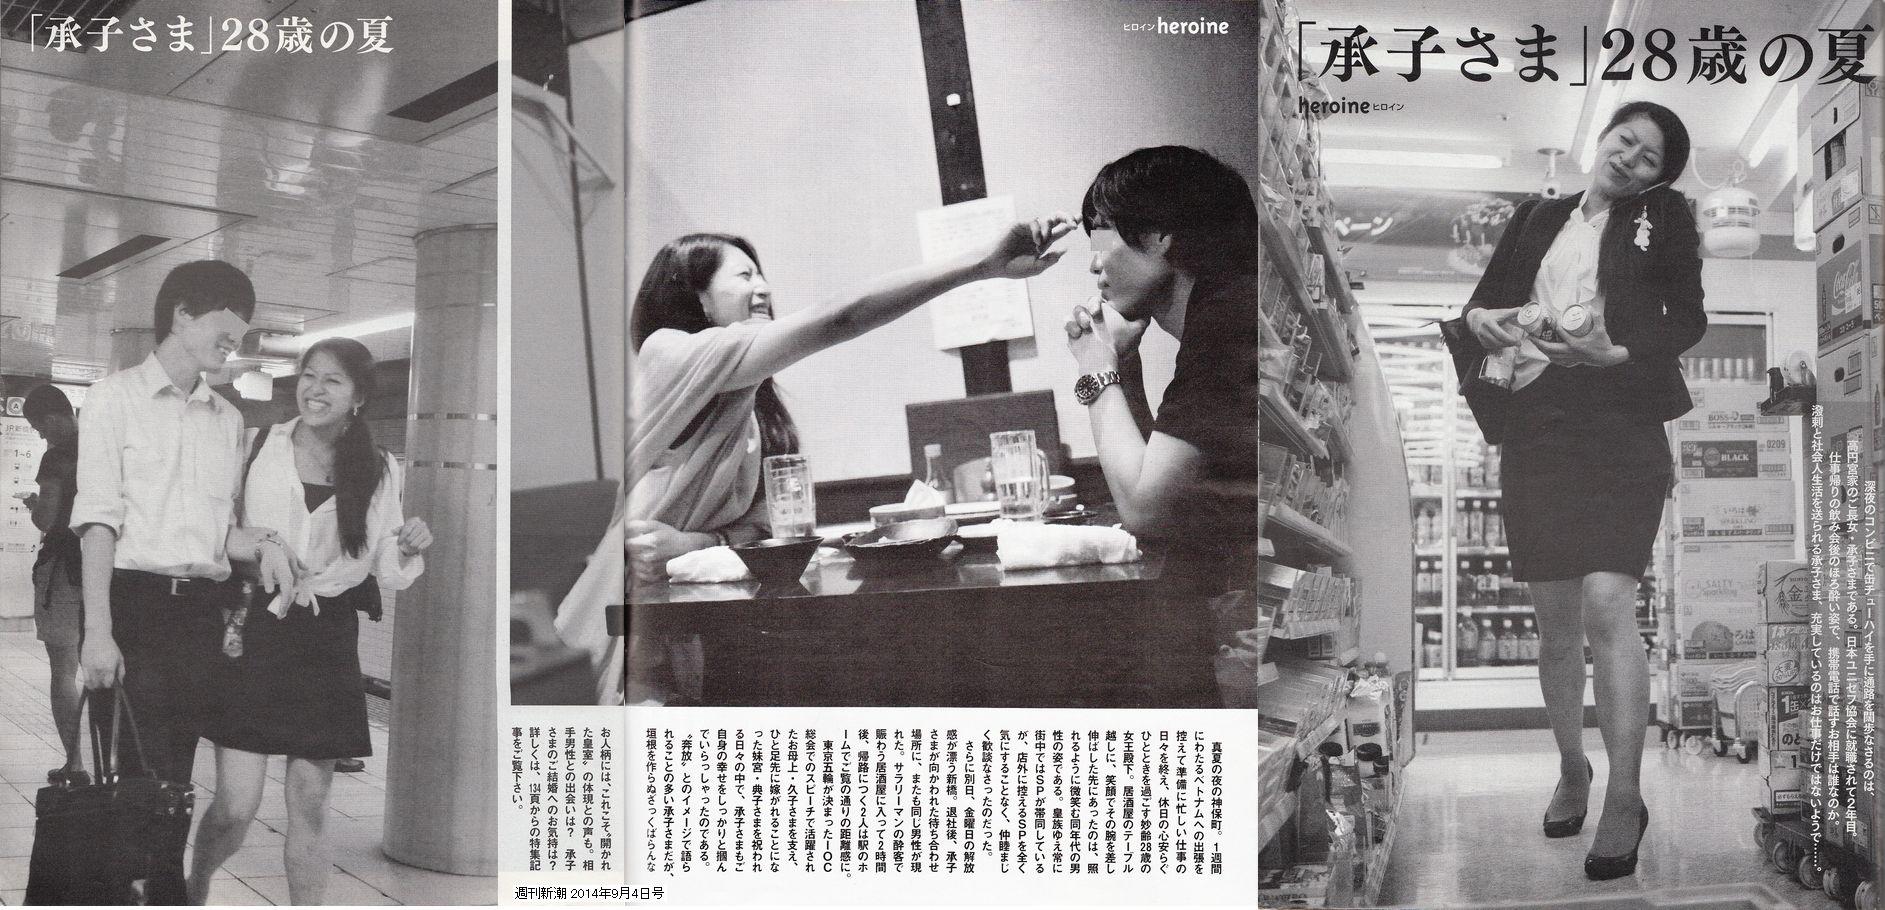 「承子 婚約」の画像検索結果